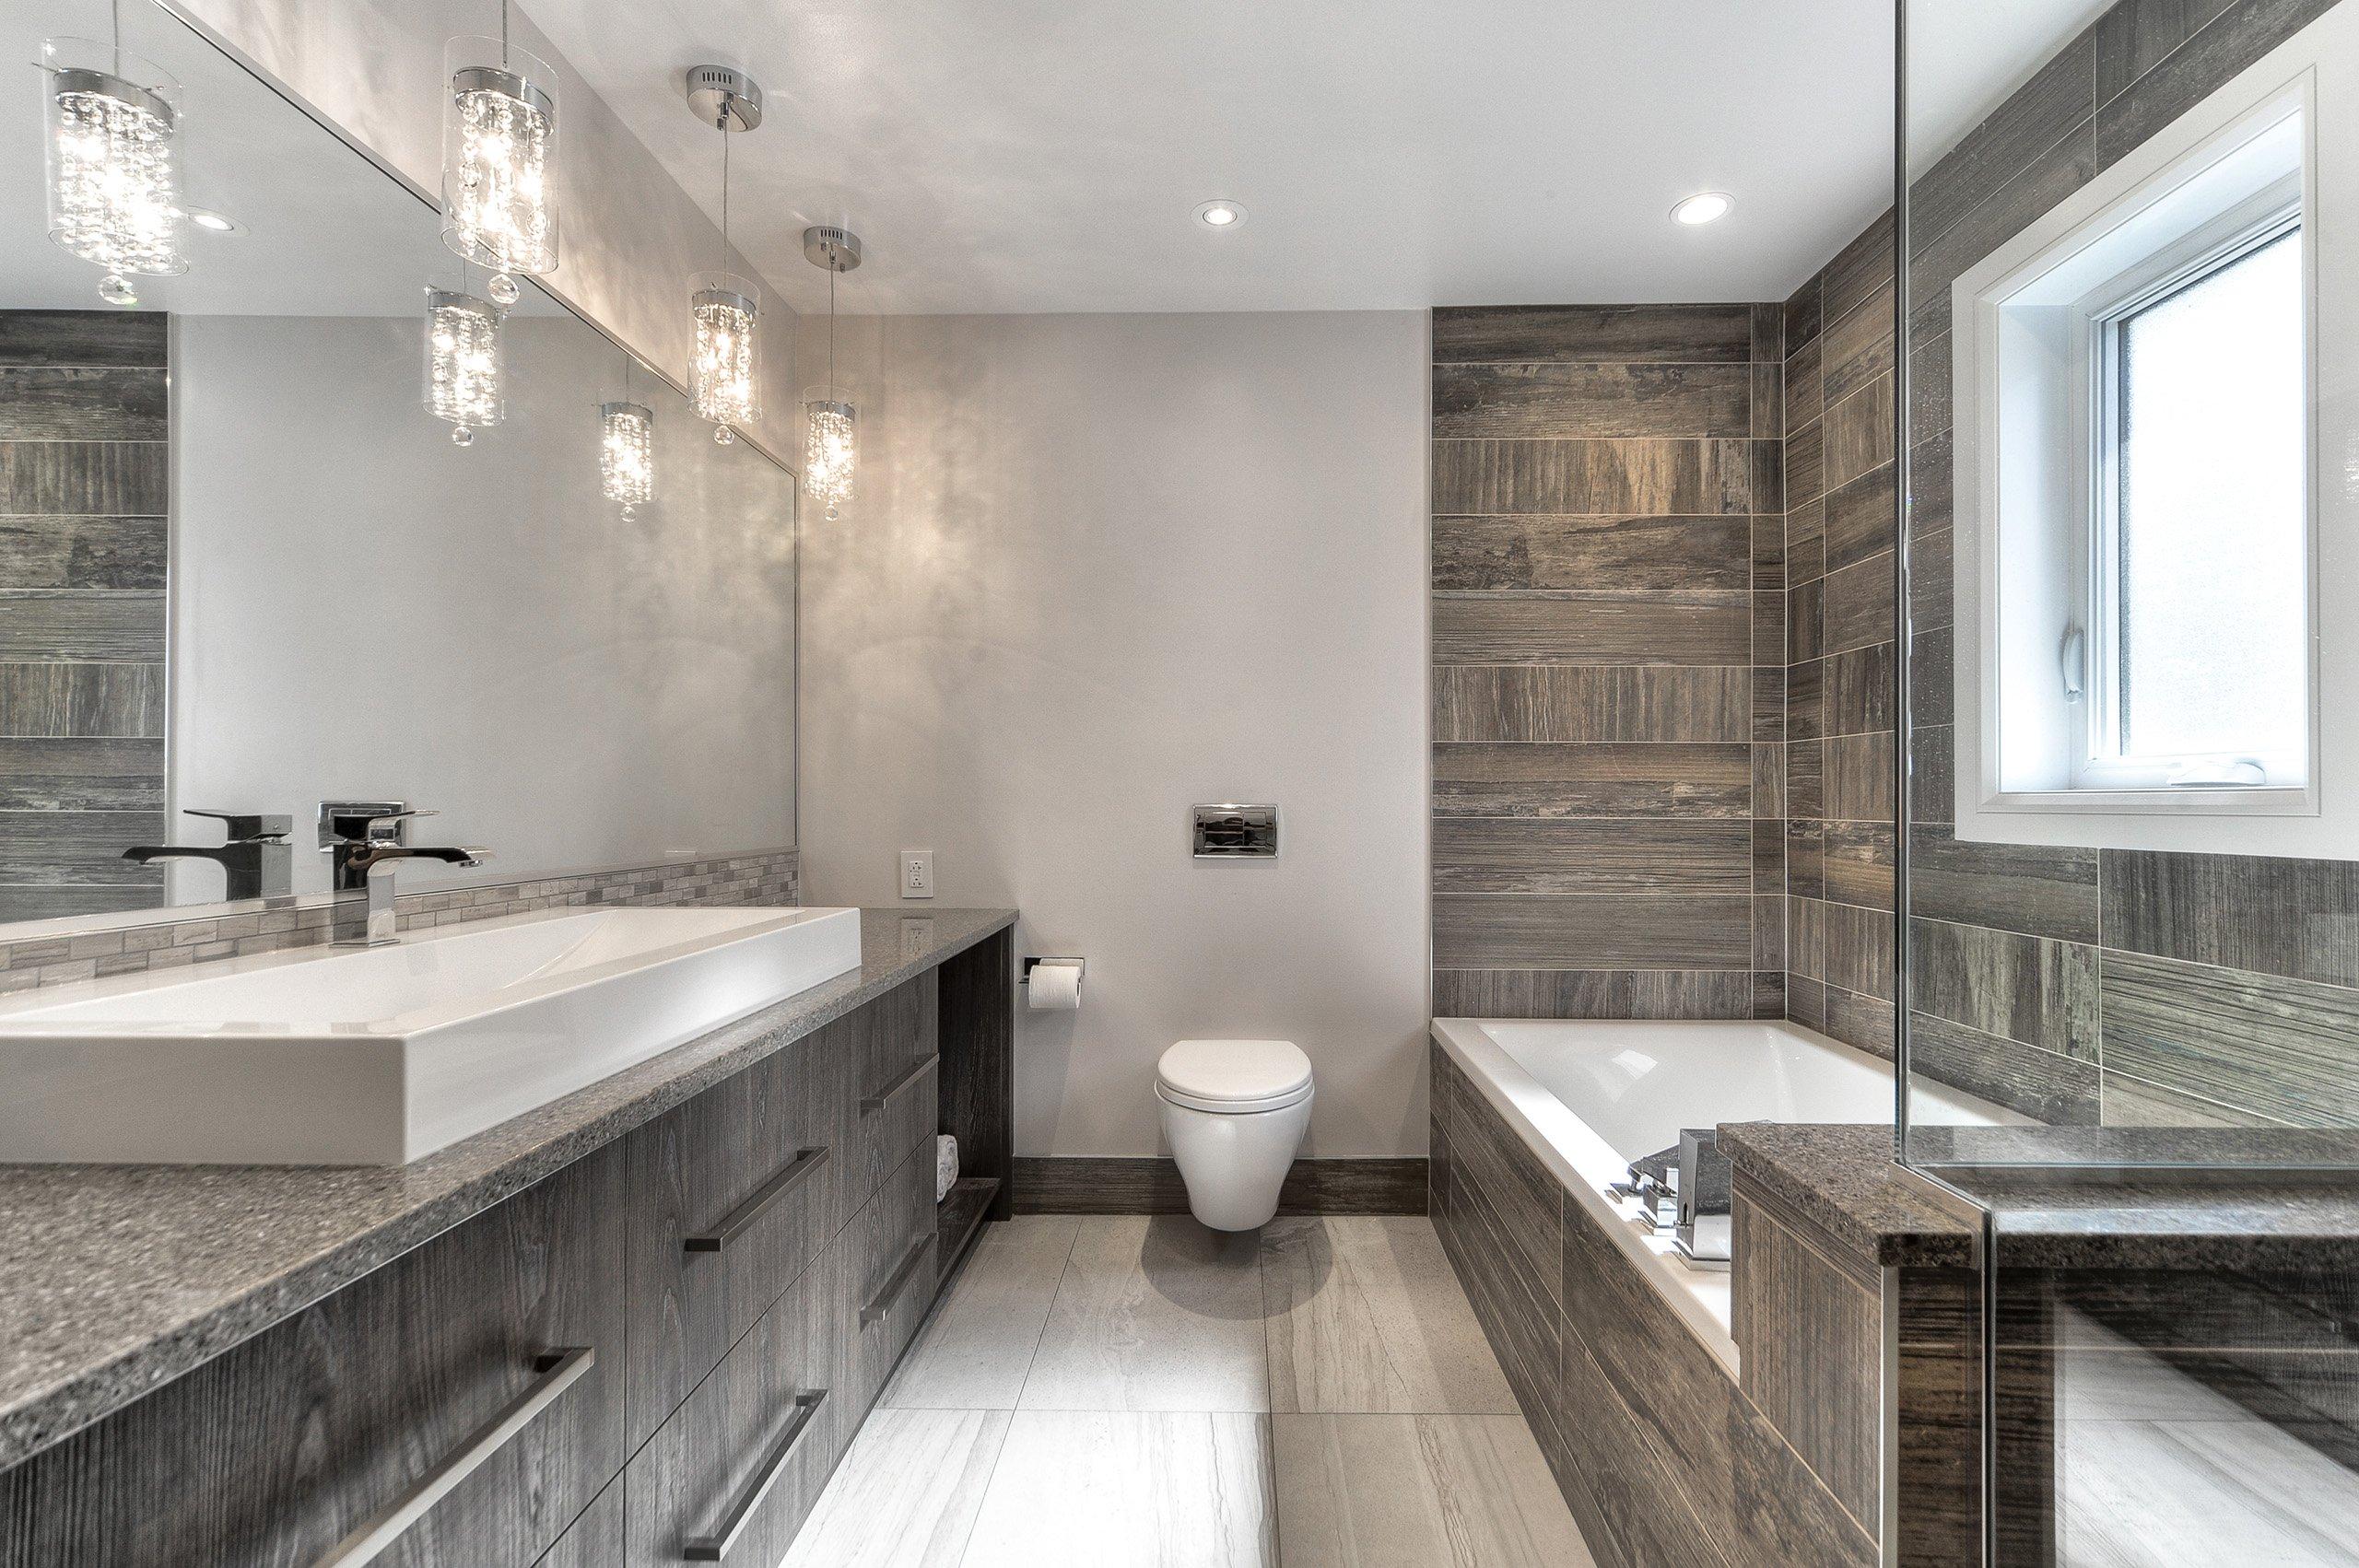 les le ons apprendre pour avoir une salle de bain de r ve tendanceverte. Black Bedroom Furniture Sets. Home Design Ideas